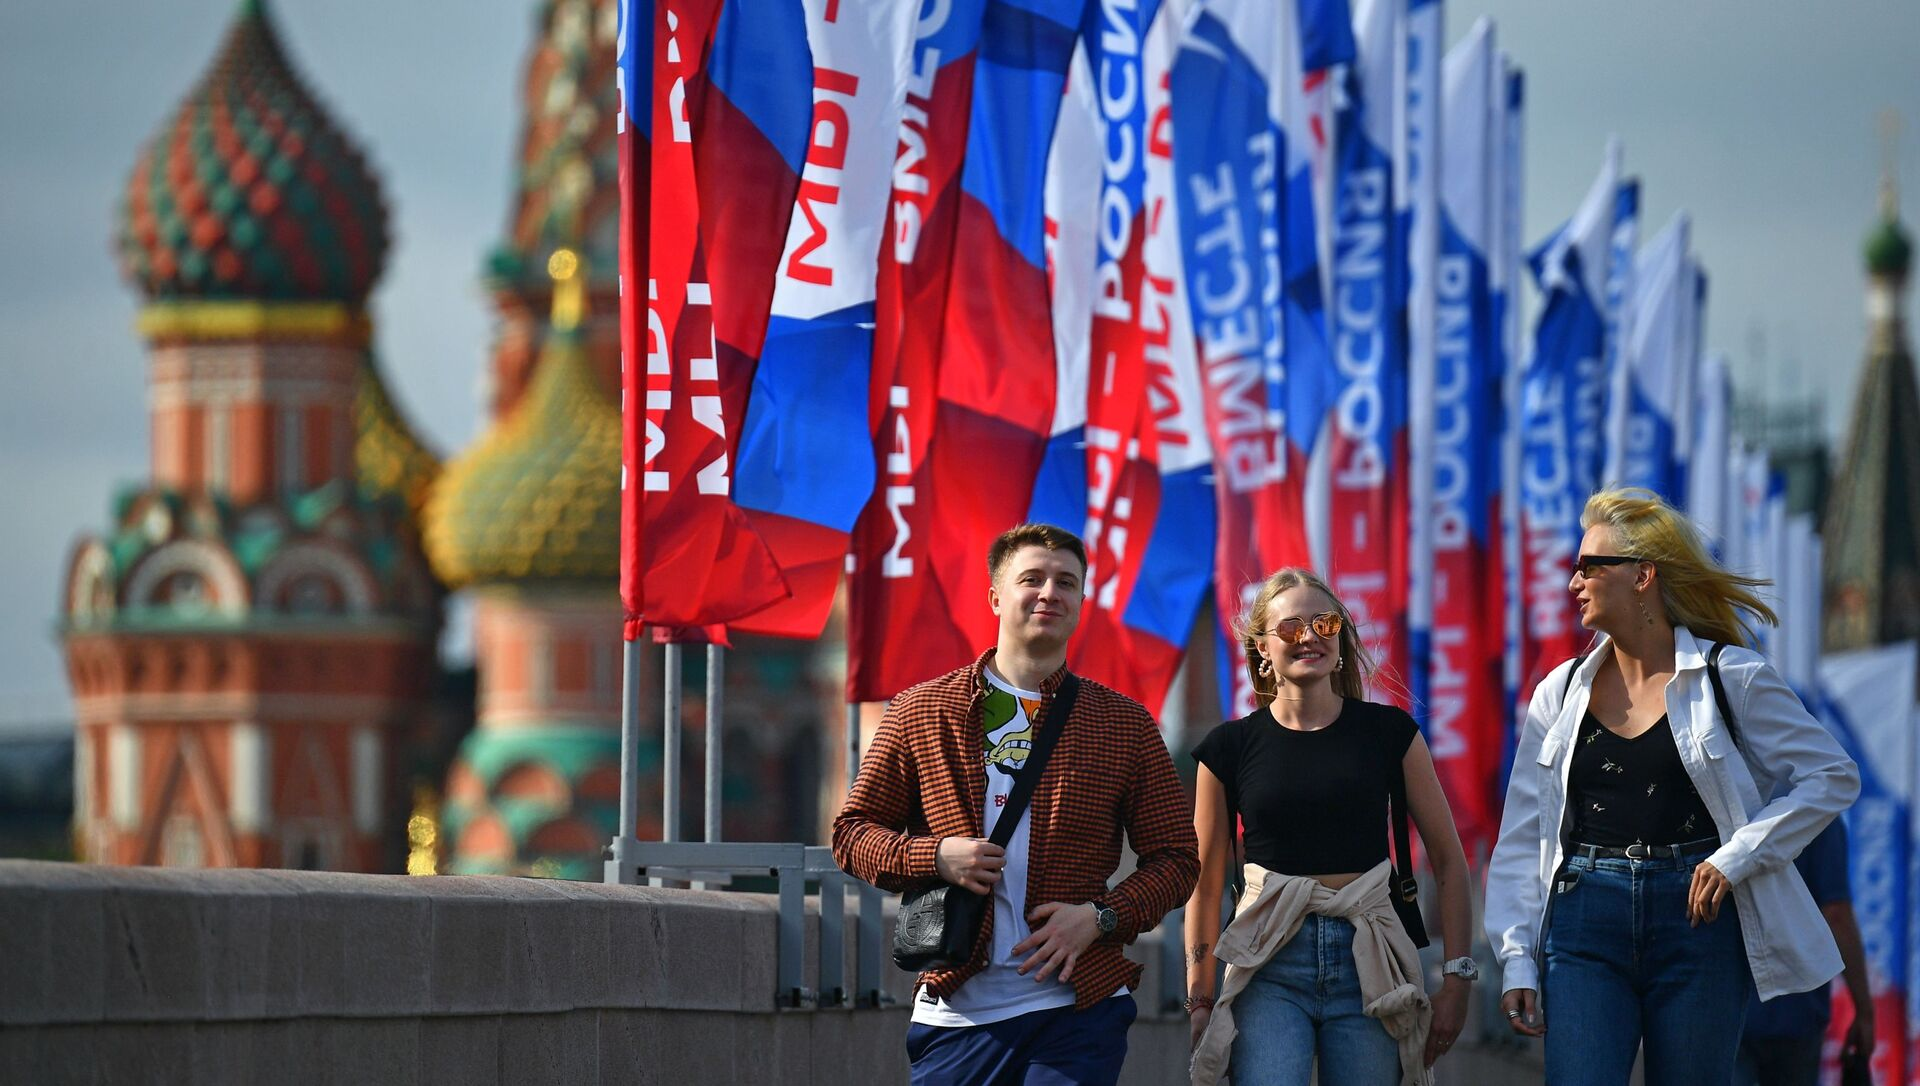 Празднование Дня России в Москве  - Sputnik Азербайджан, 1920, 12.06.2021